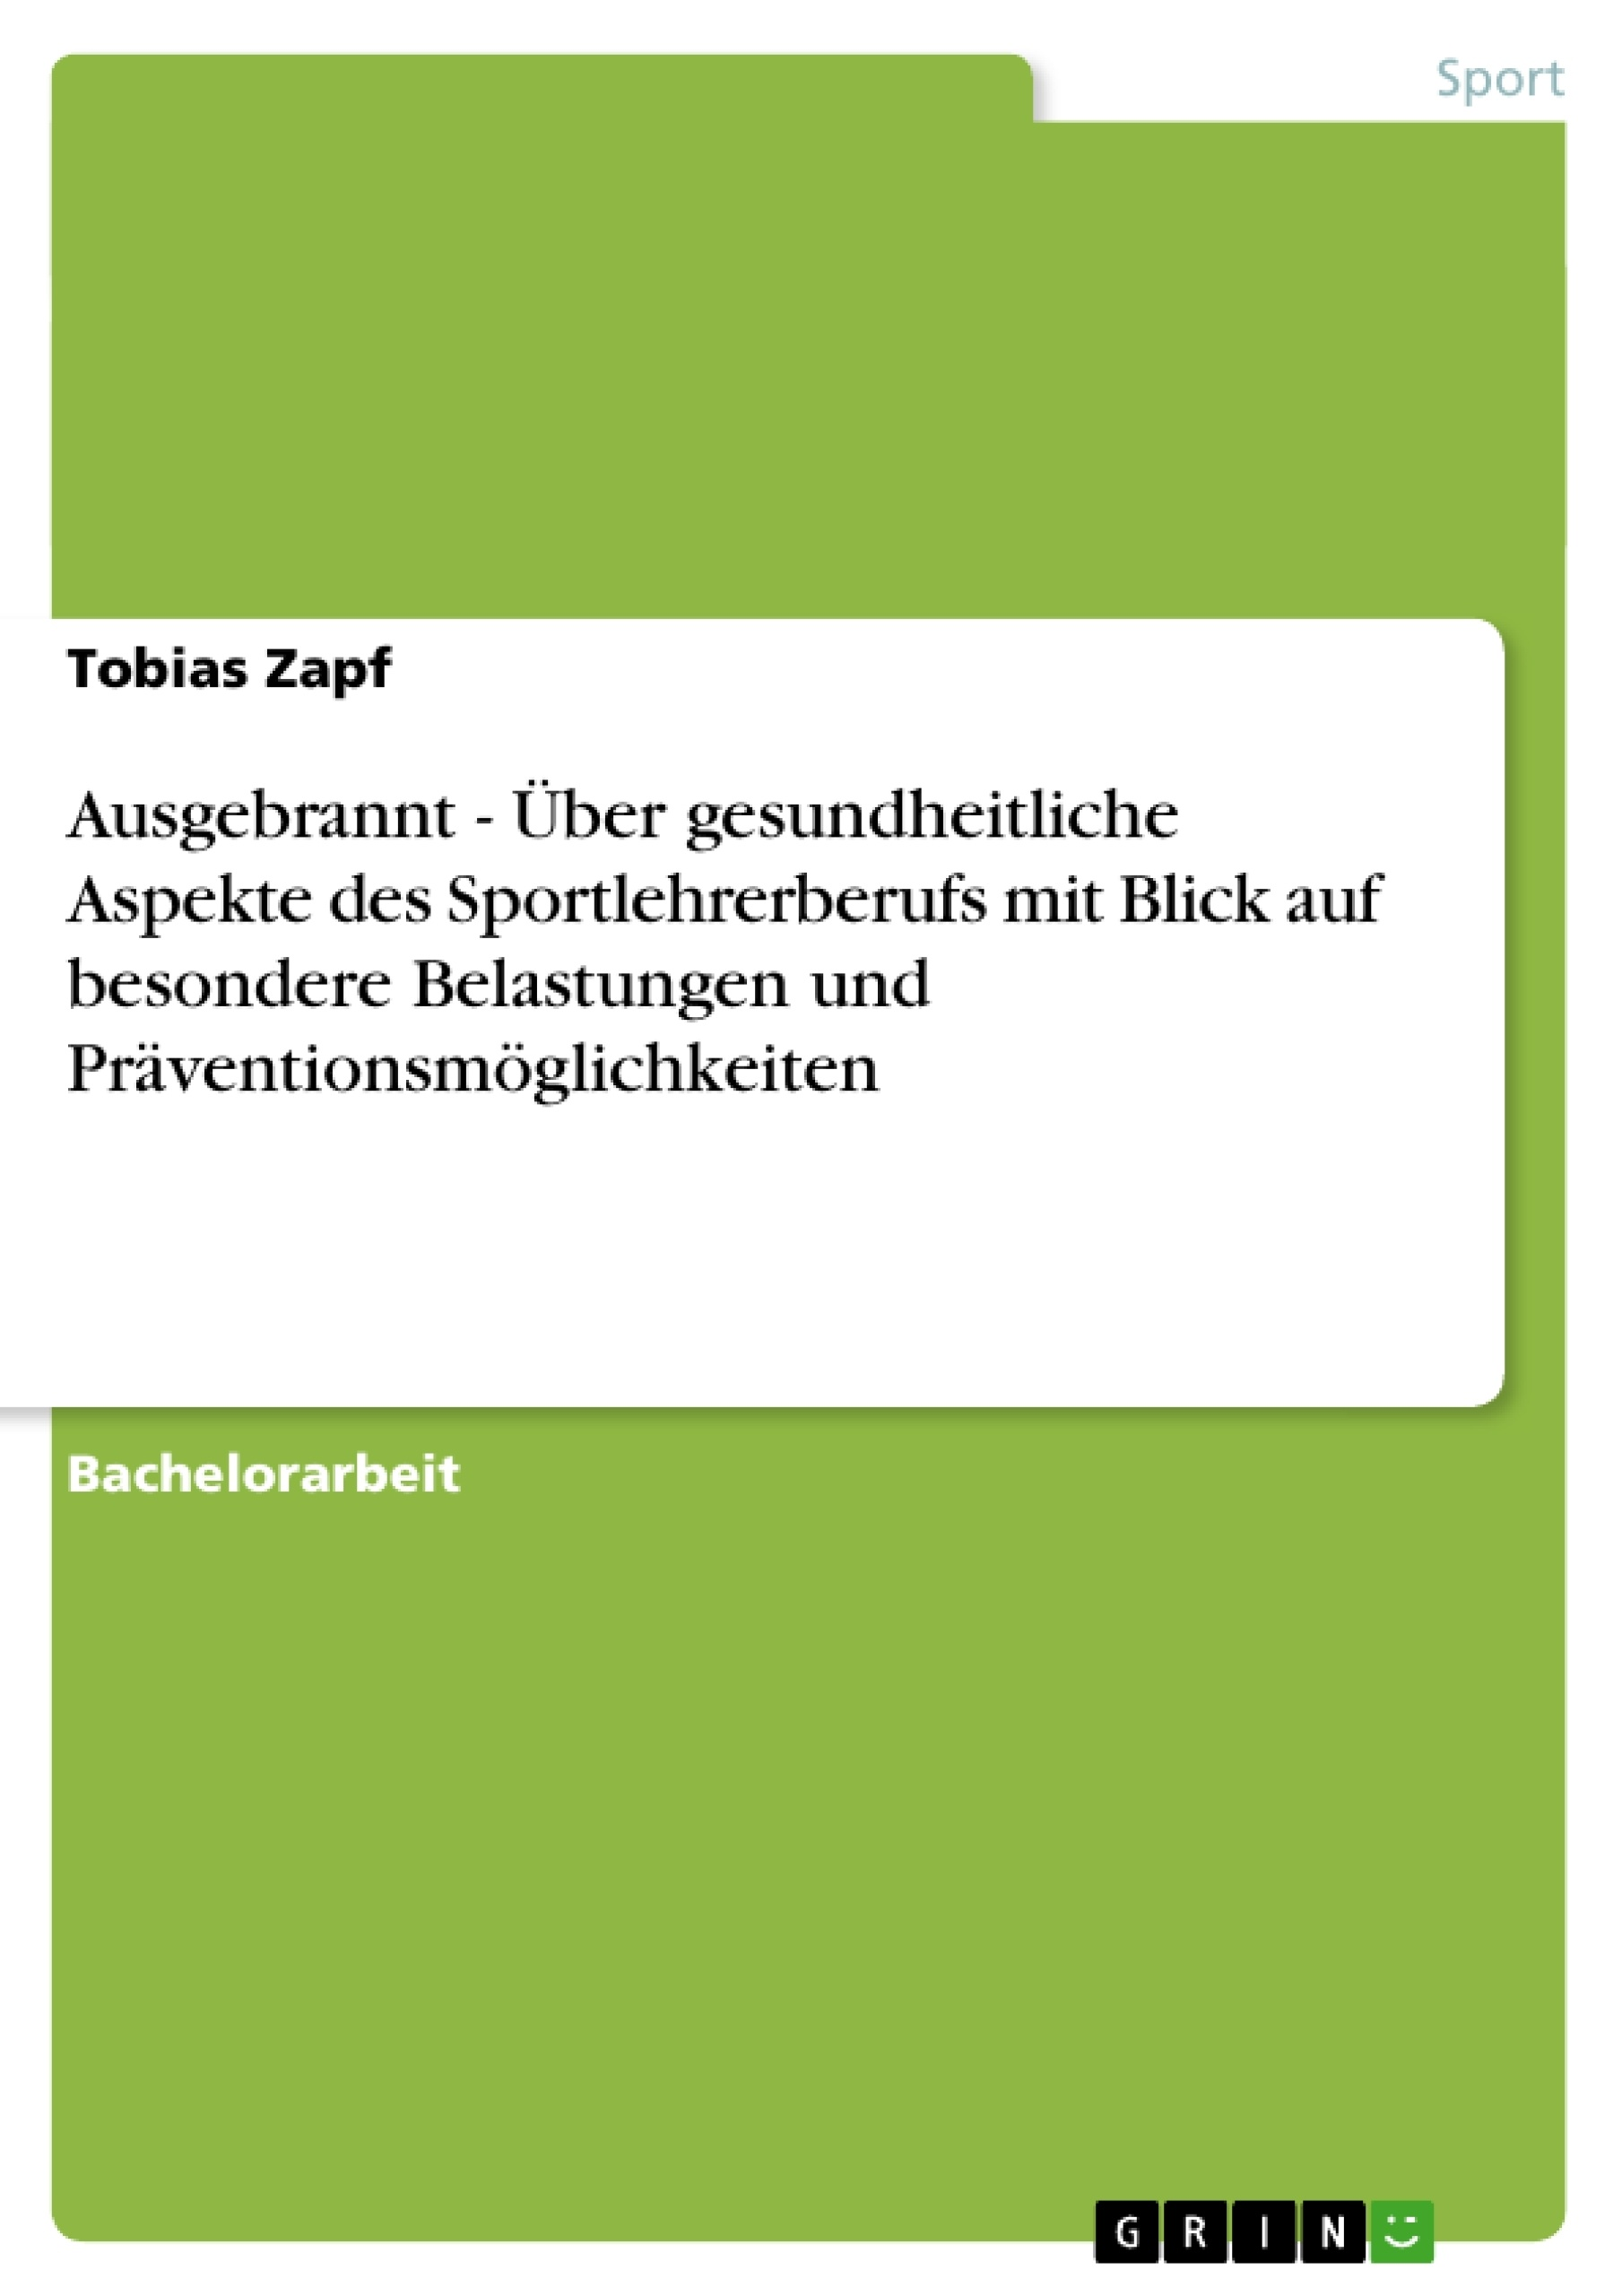 Titel: Ausgebrannt - Über gesundheitliche Aspekte des Sportlehrerberufs mit Blick auf besondere Belastungen und Präventionsmöglichkeiten